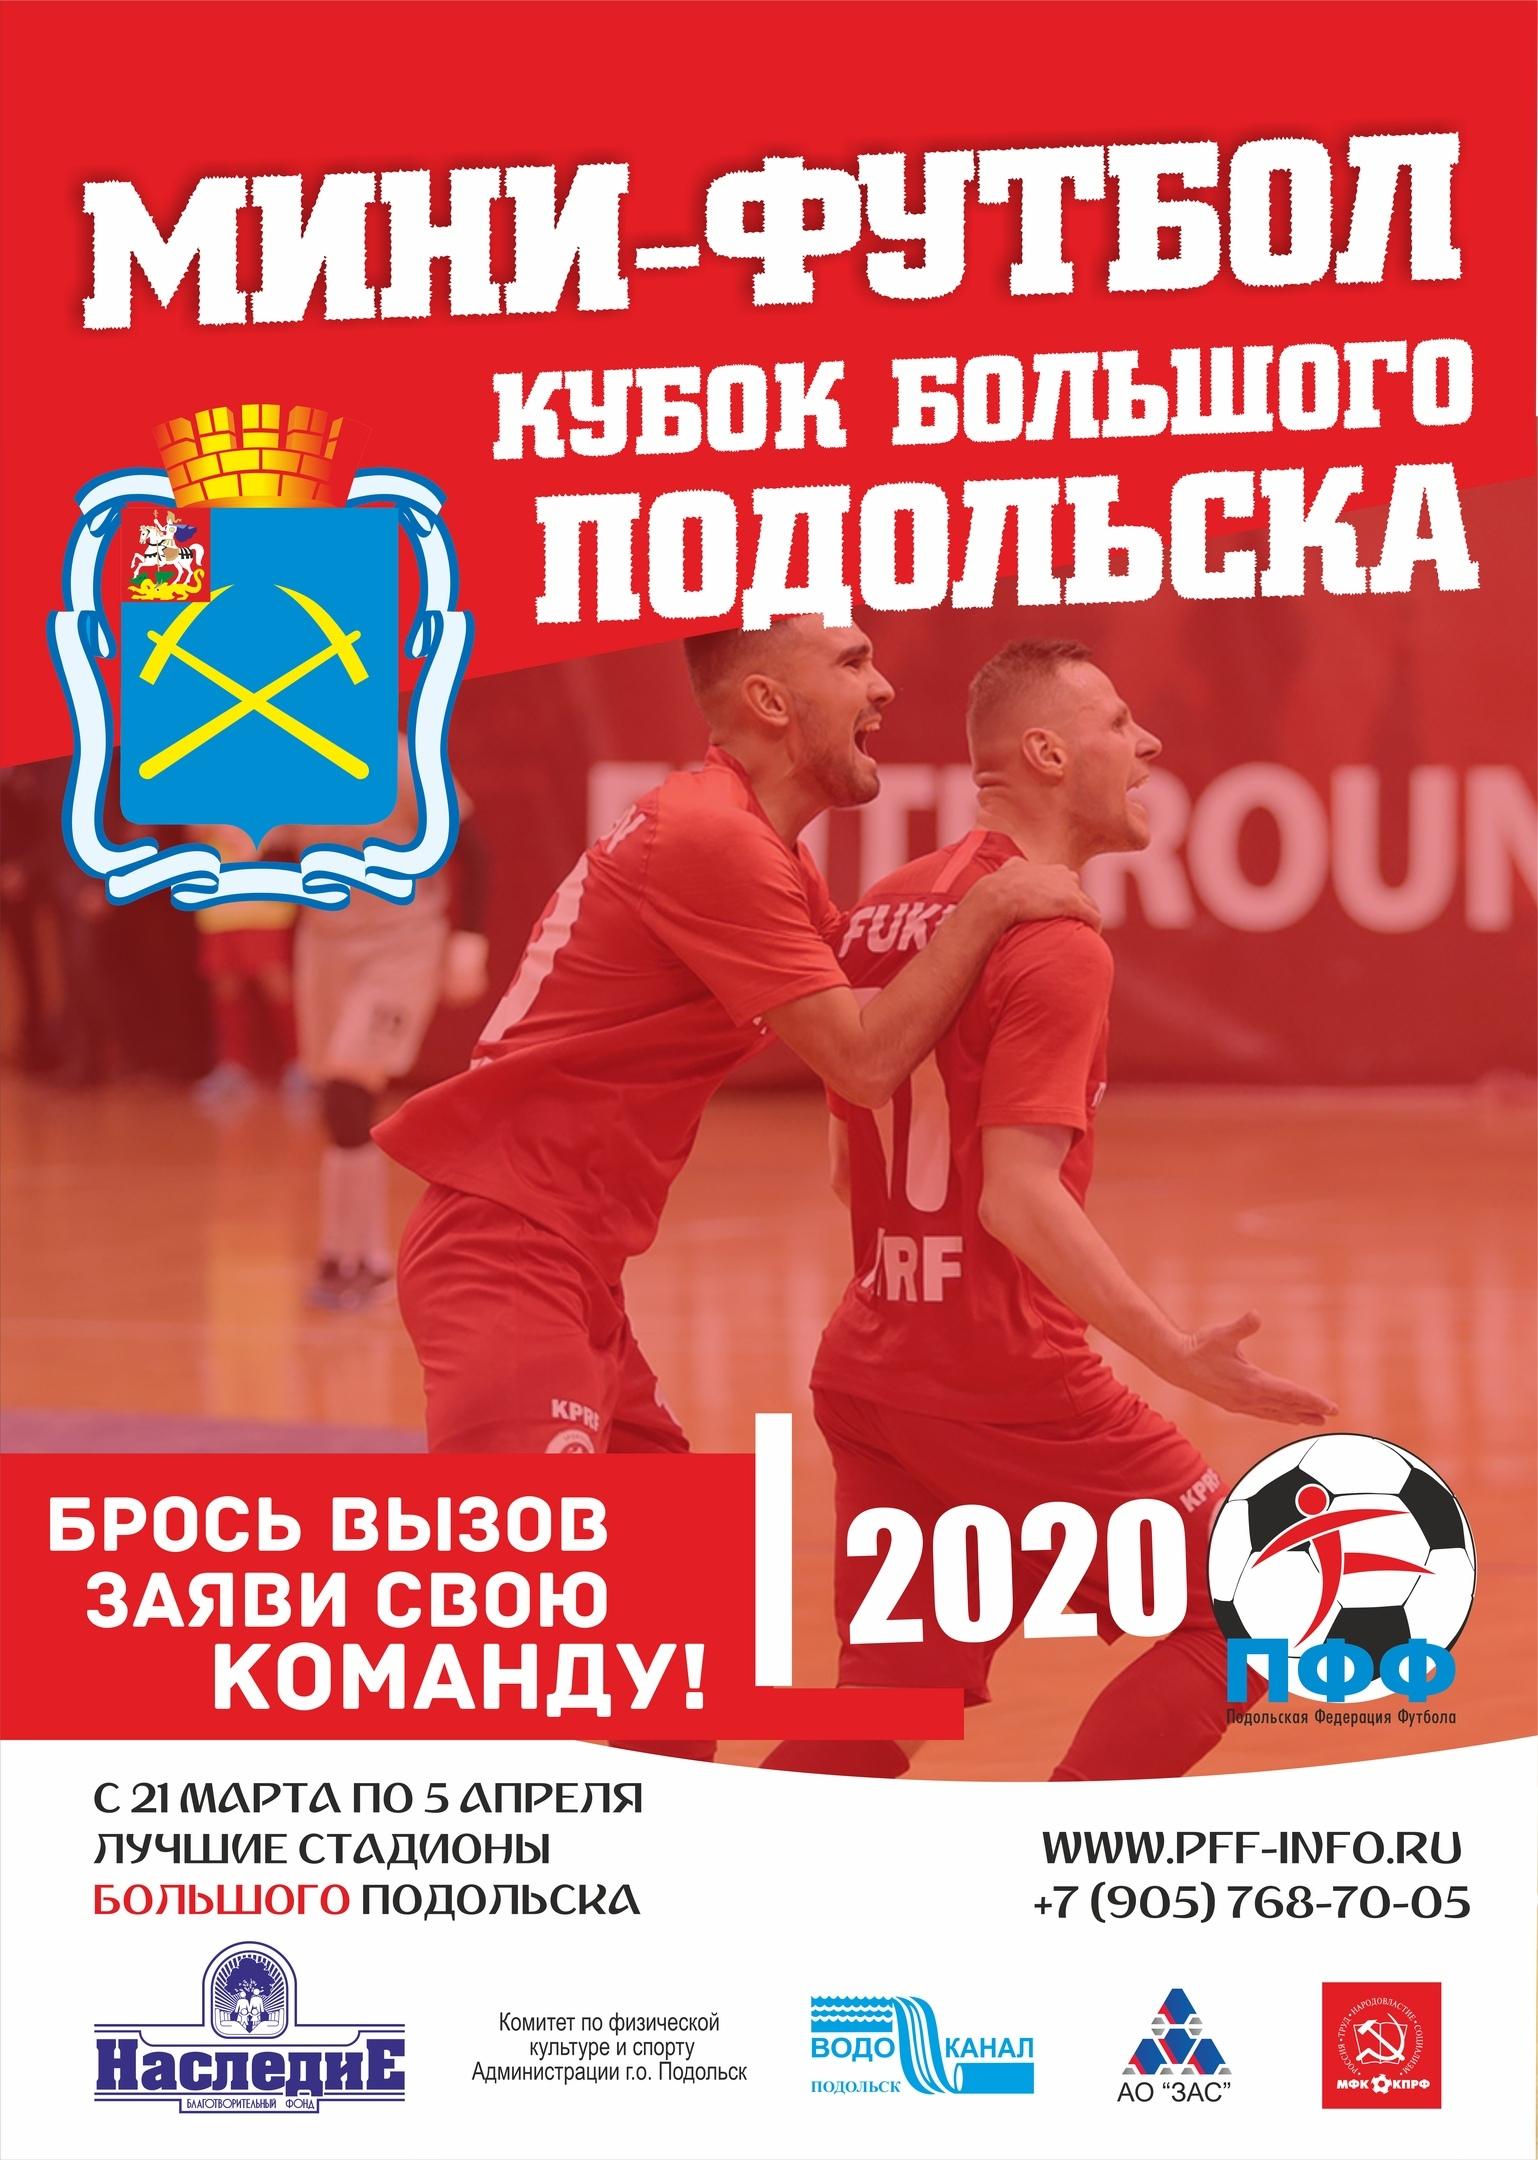 ЗАЯВИ КОМАНДУ: Кубок Большого Подольска по мини-футболу